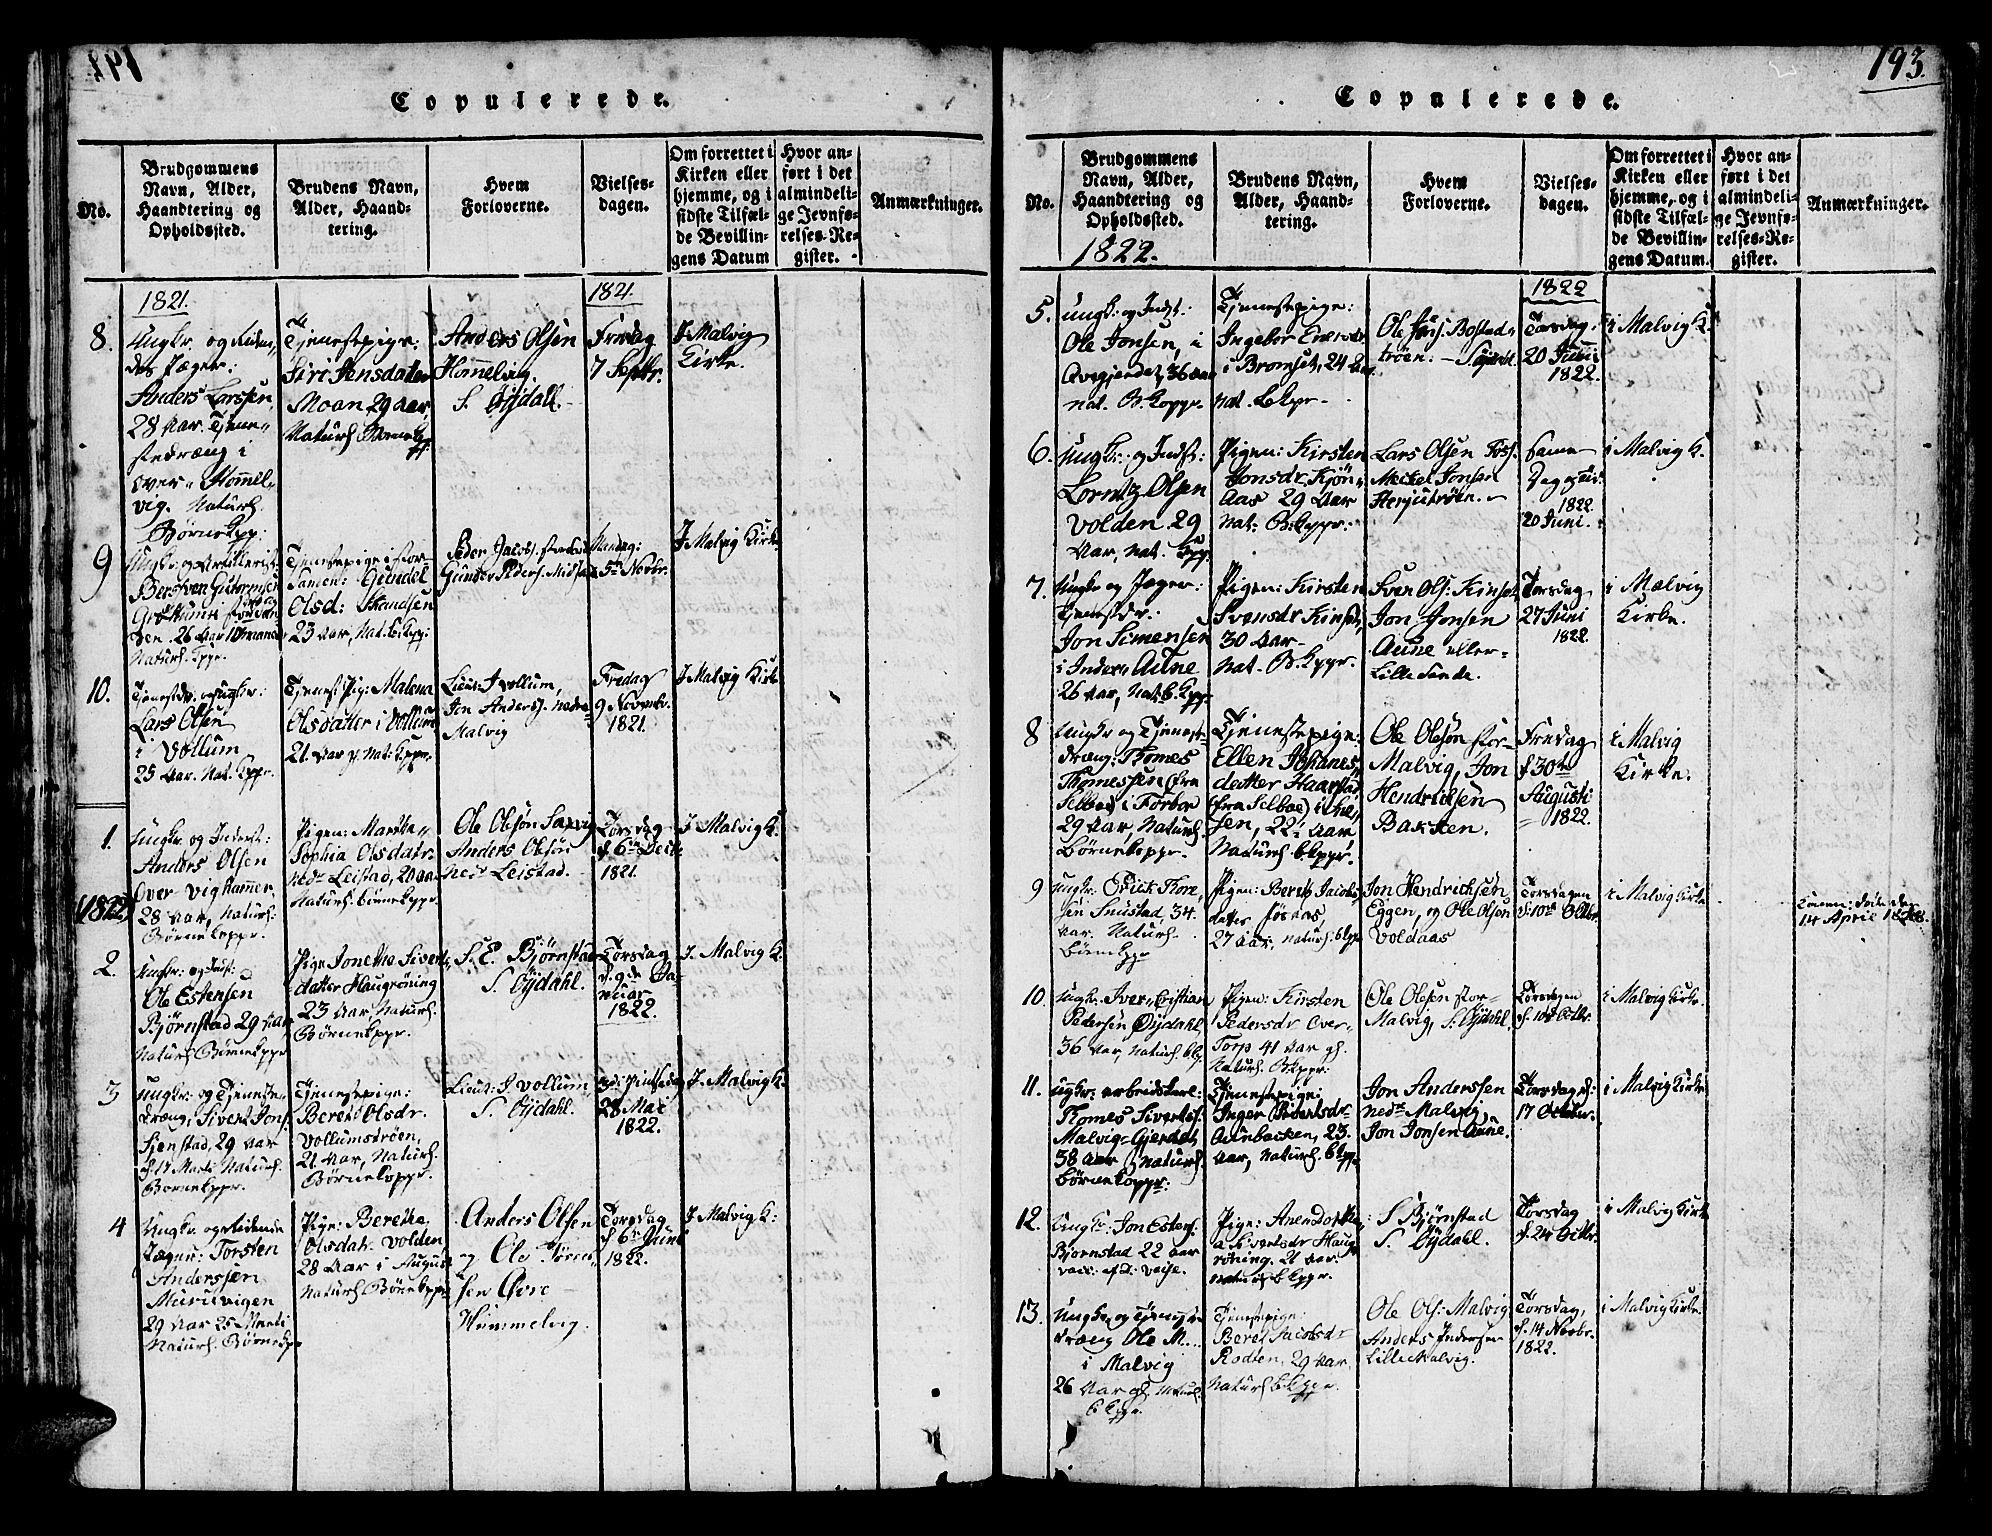 SAT, Ministerialprotokoller, klokkerbøker og fødselsregistre - Sør-Trøndelag, 616/L0420: Klokkerbok nr. 616C03, 1817-1835, s. 193